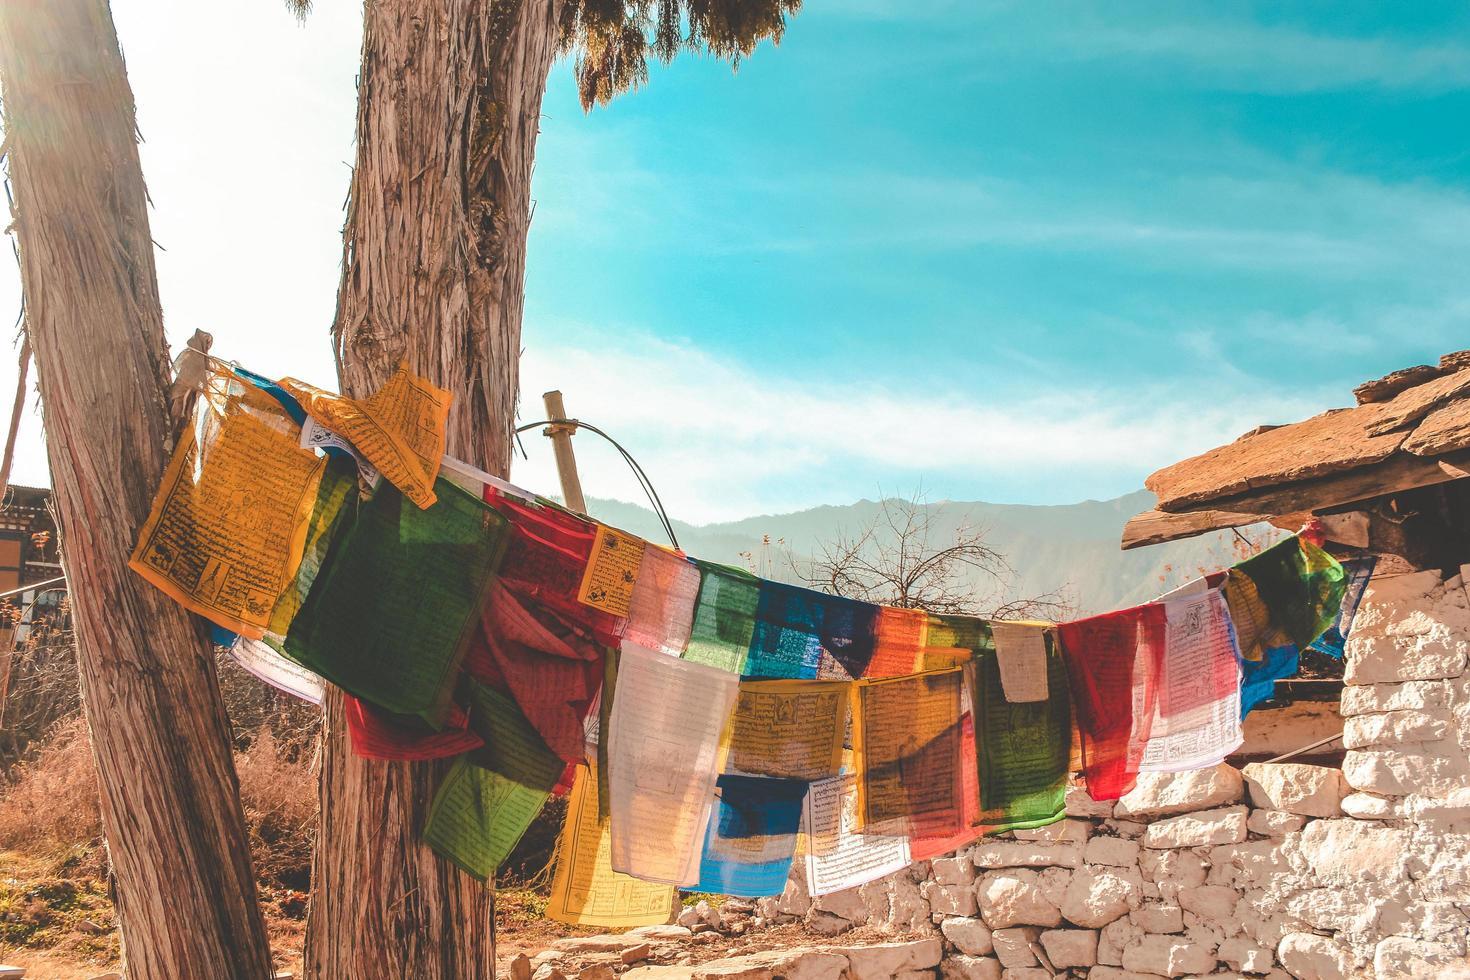 banderas de oración en una línea de ropa foto